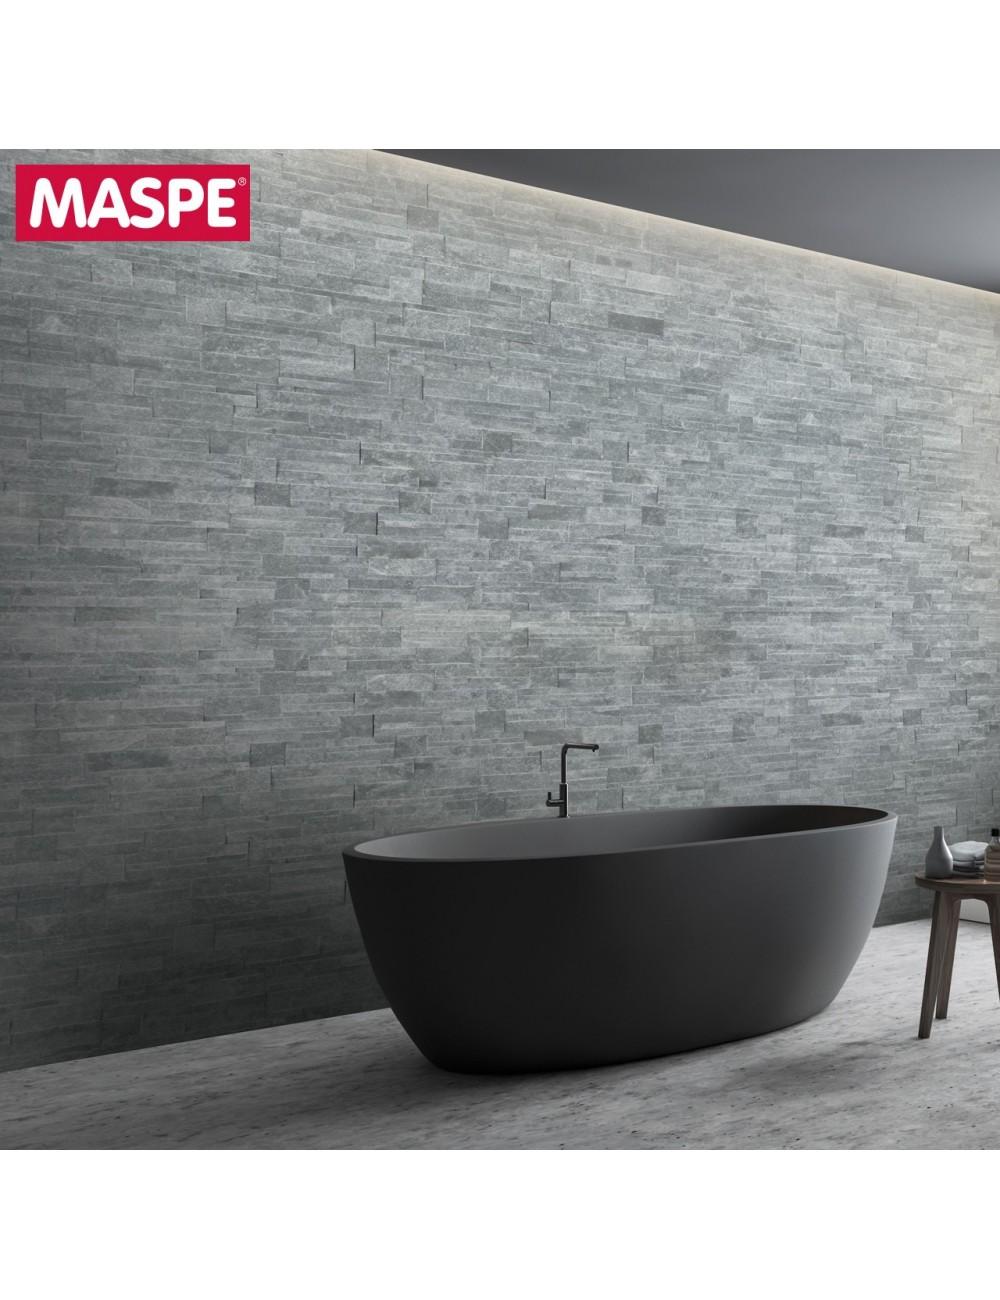 Bagno con rivestimento in pietra naturale cezanne maspe